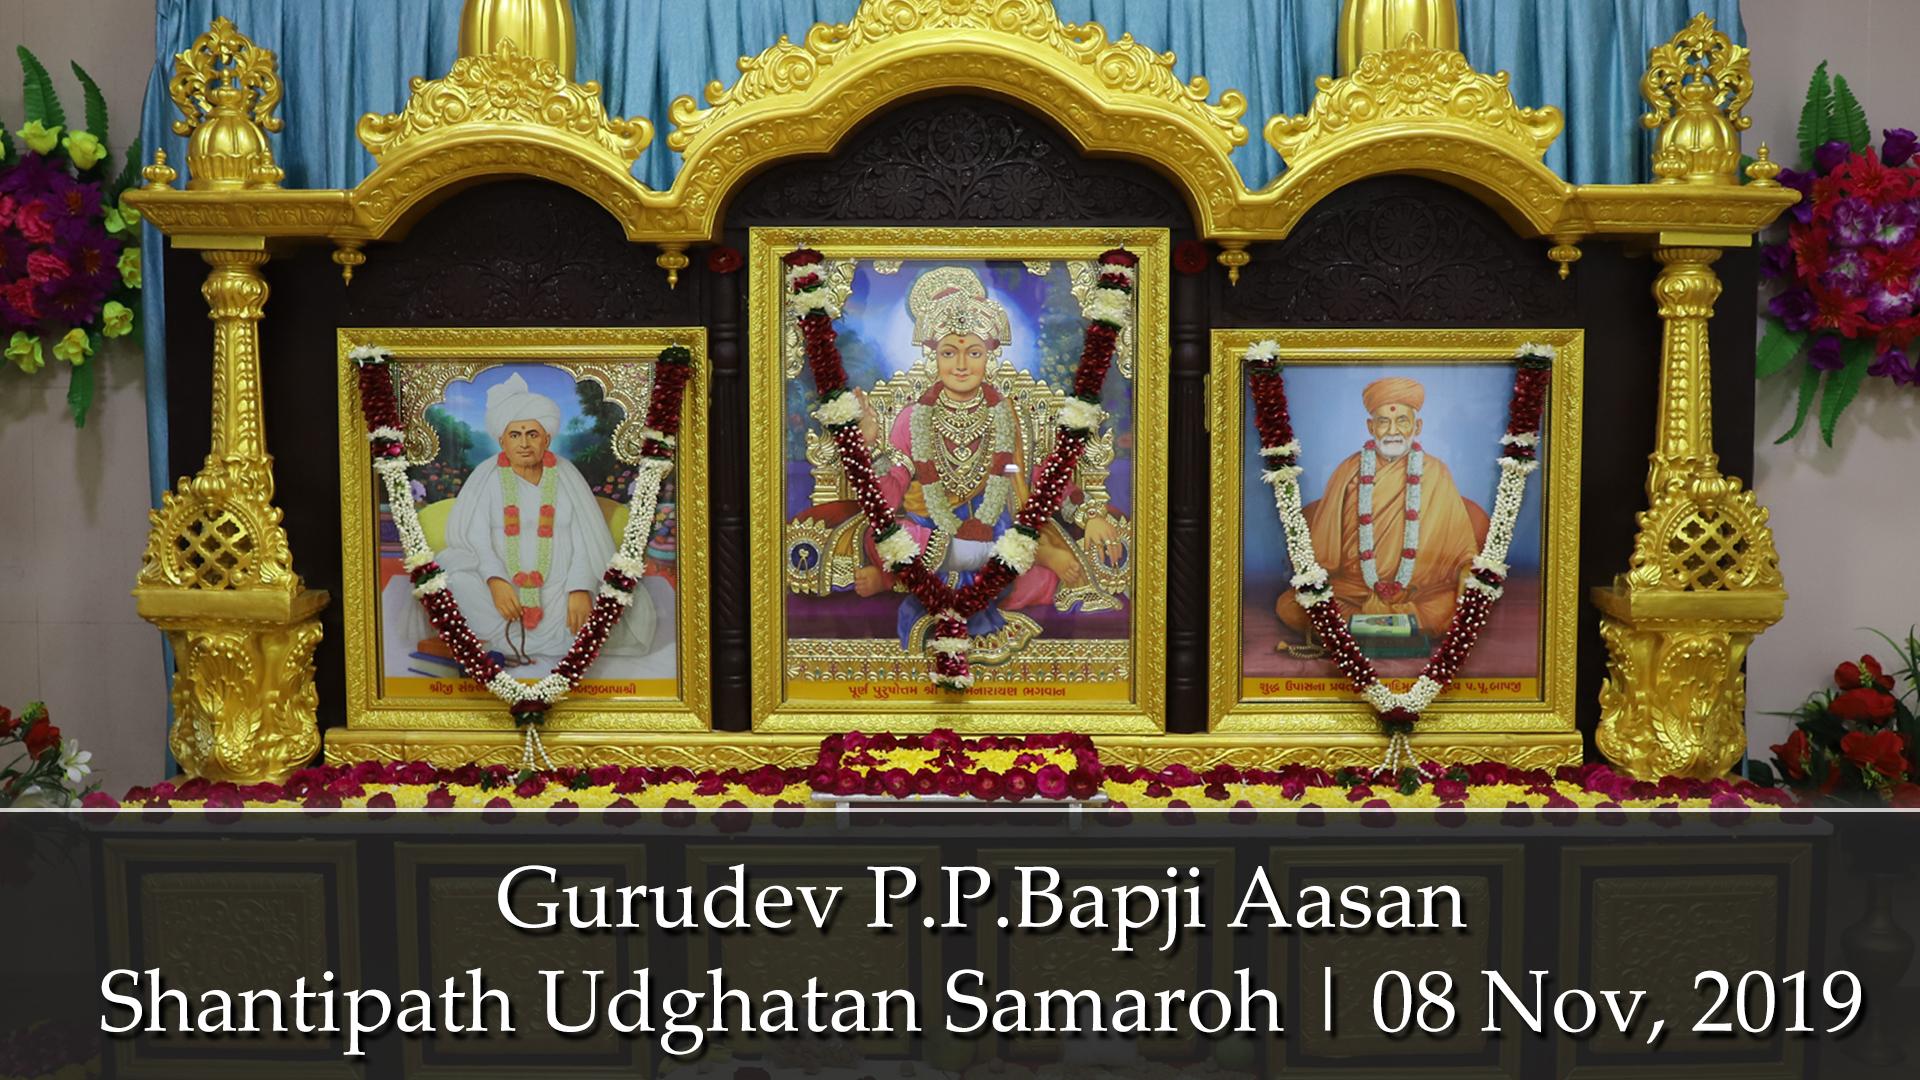 Gurudev P.P.Bapji Aasan - Shantipath Udghatan Samaroh | 08 Nov, 2019